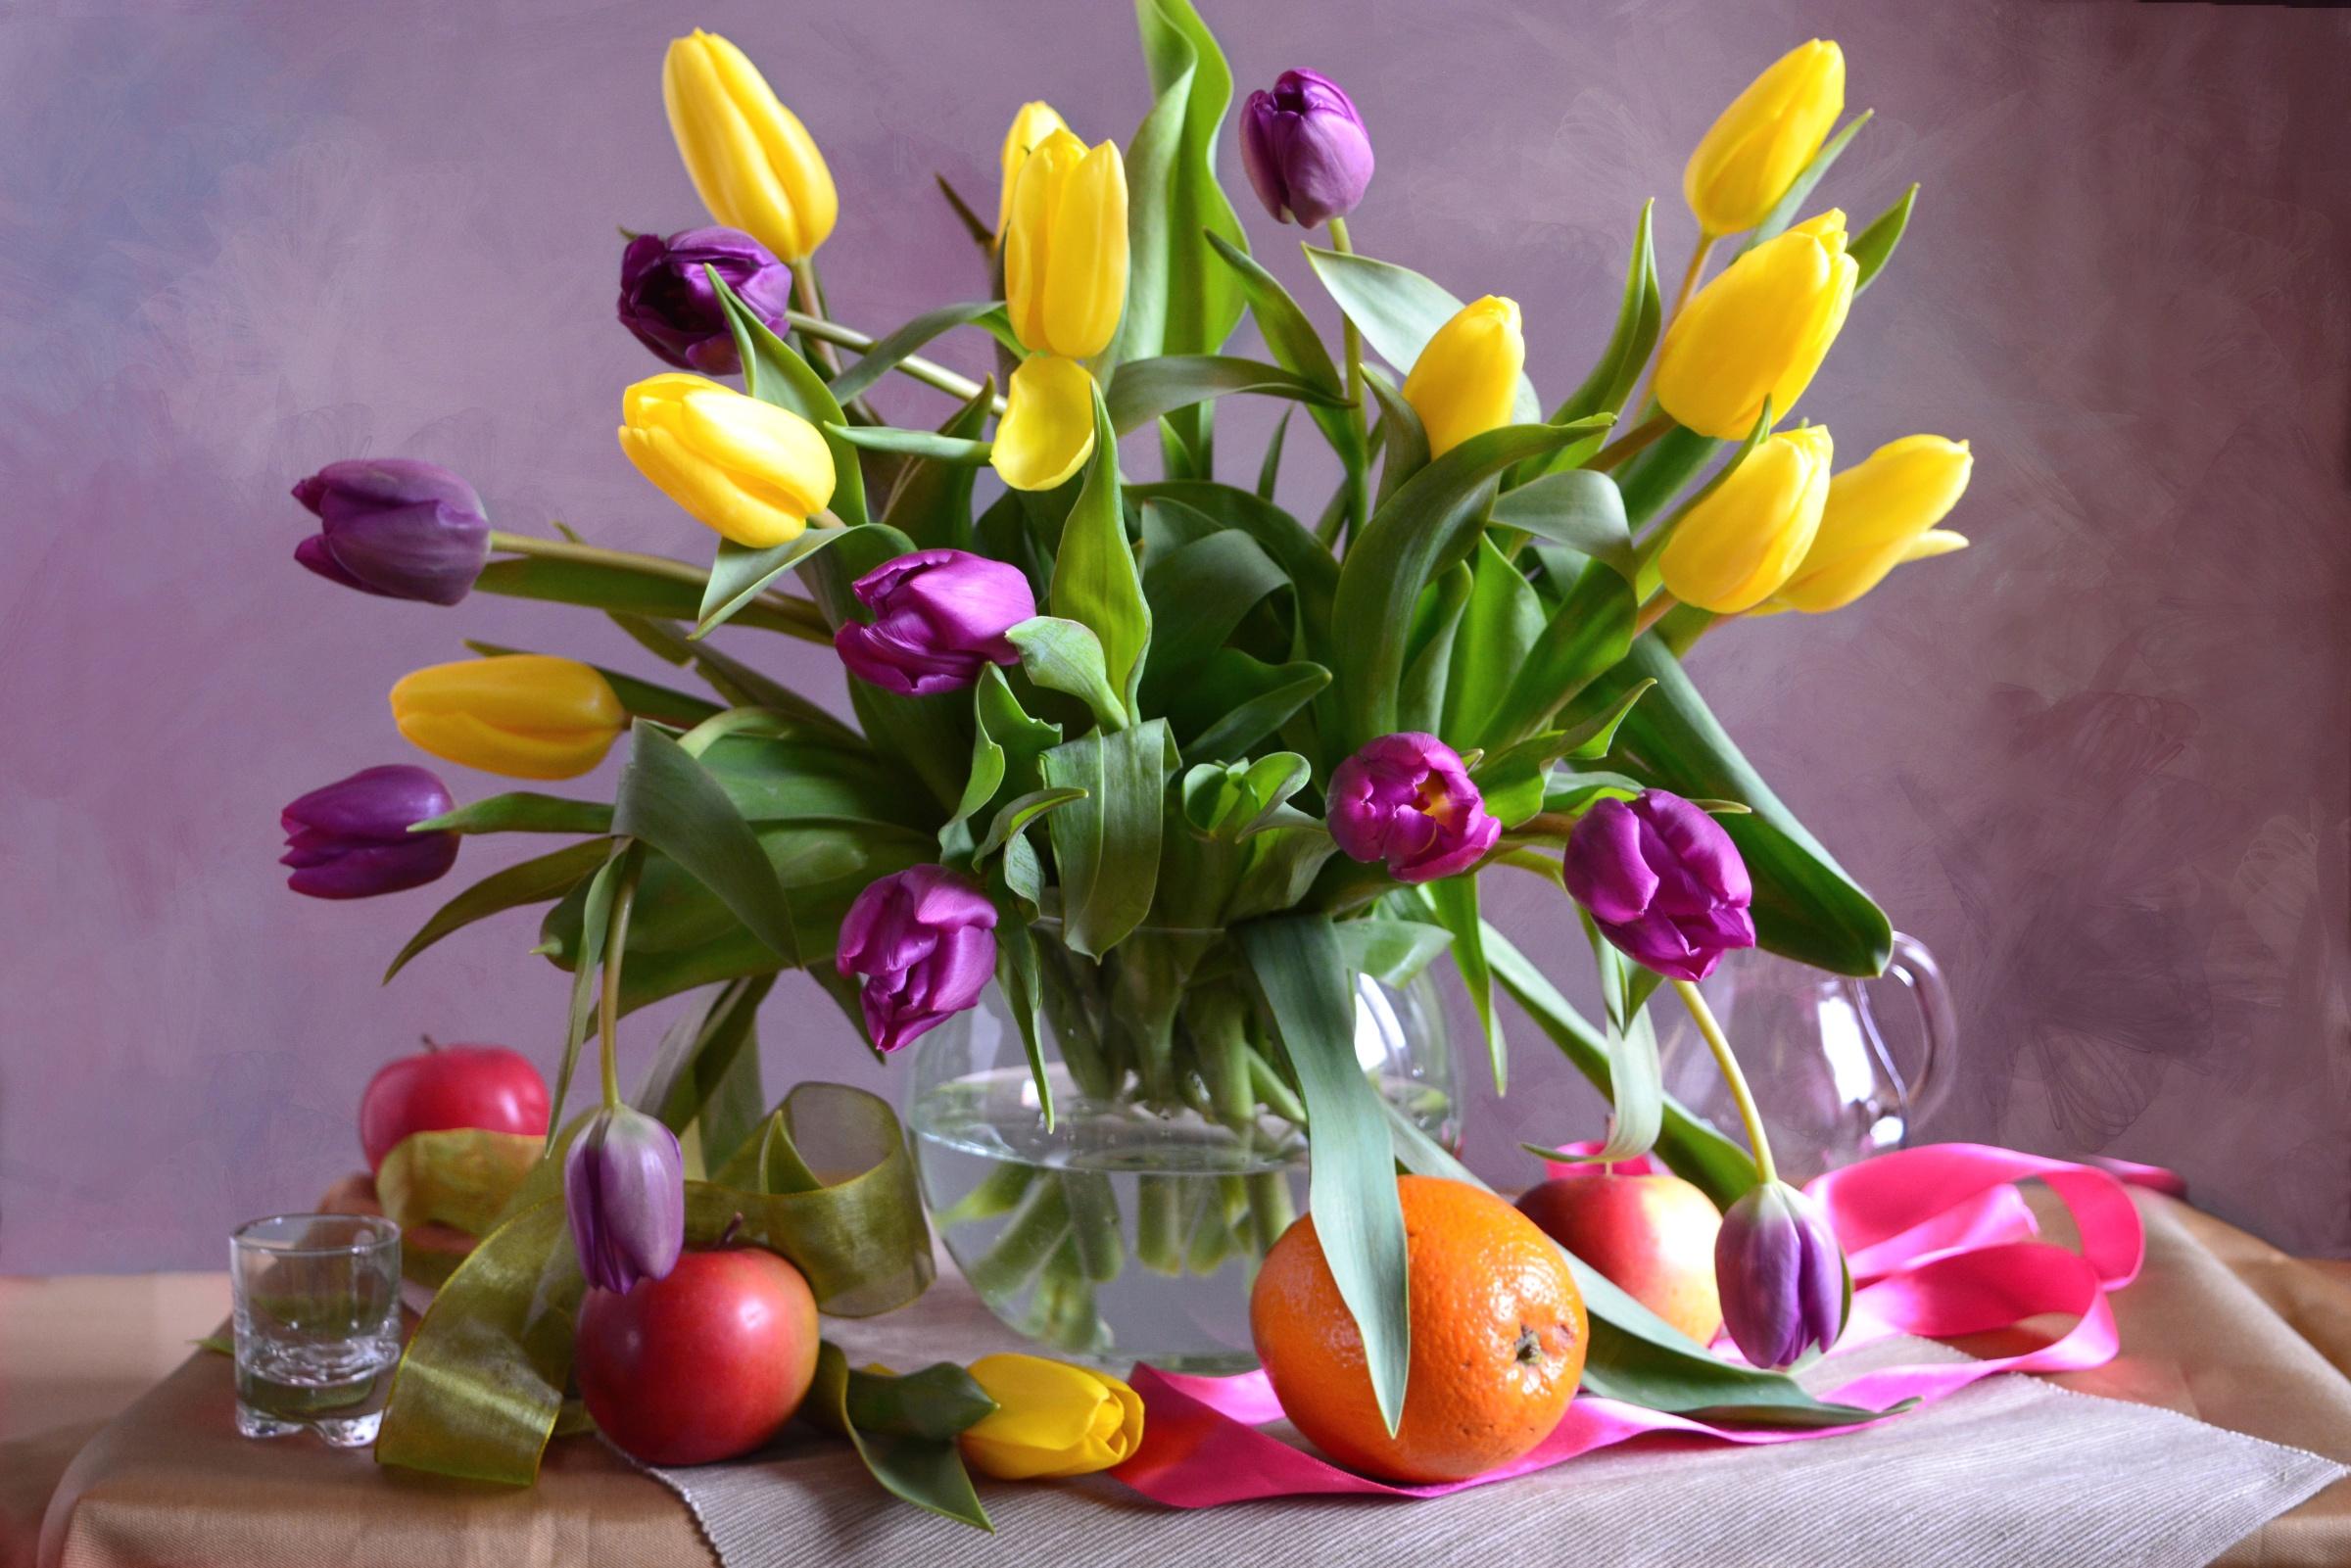 тюльпаны ваза море  № 1012768 загрузить